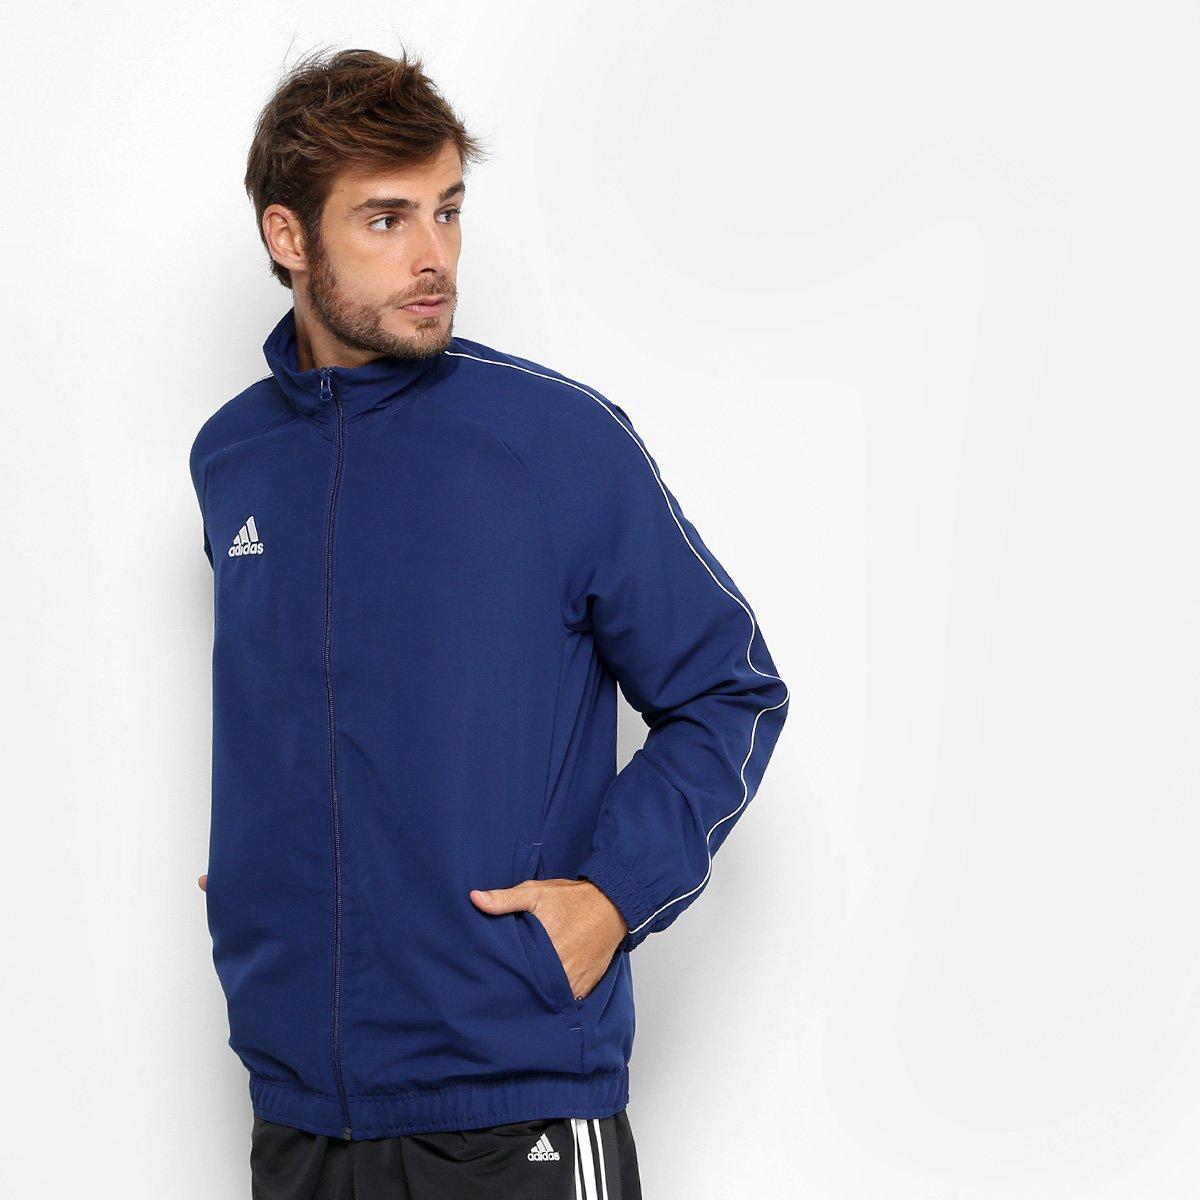 Jaqueta Adidas Viagem Core 18 Masculina - Compre Agora  ae0b268939fa5